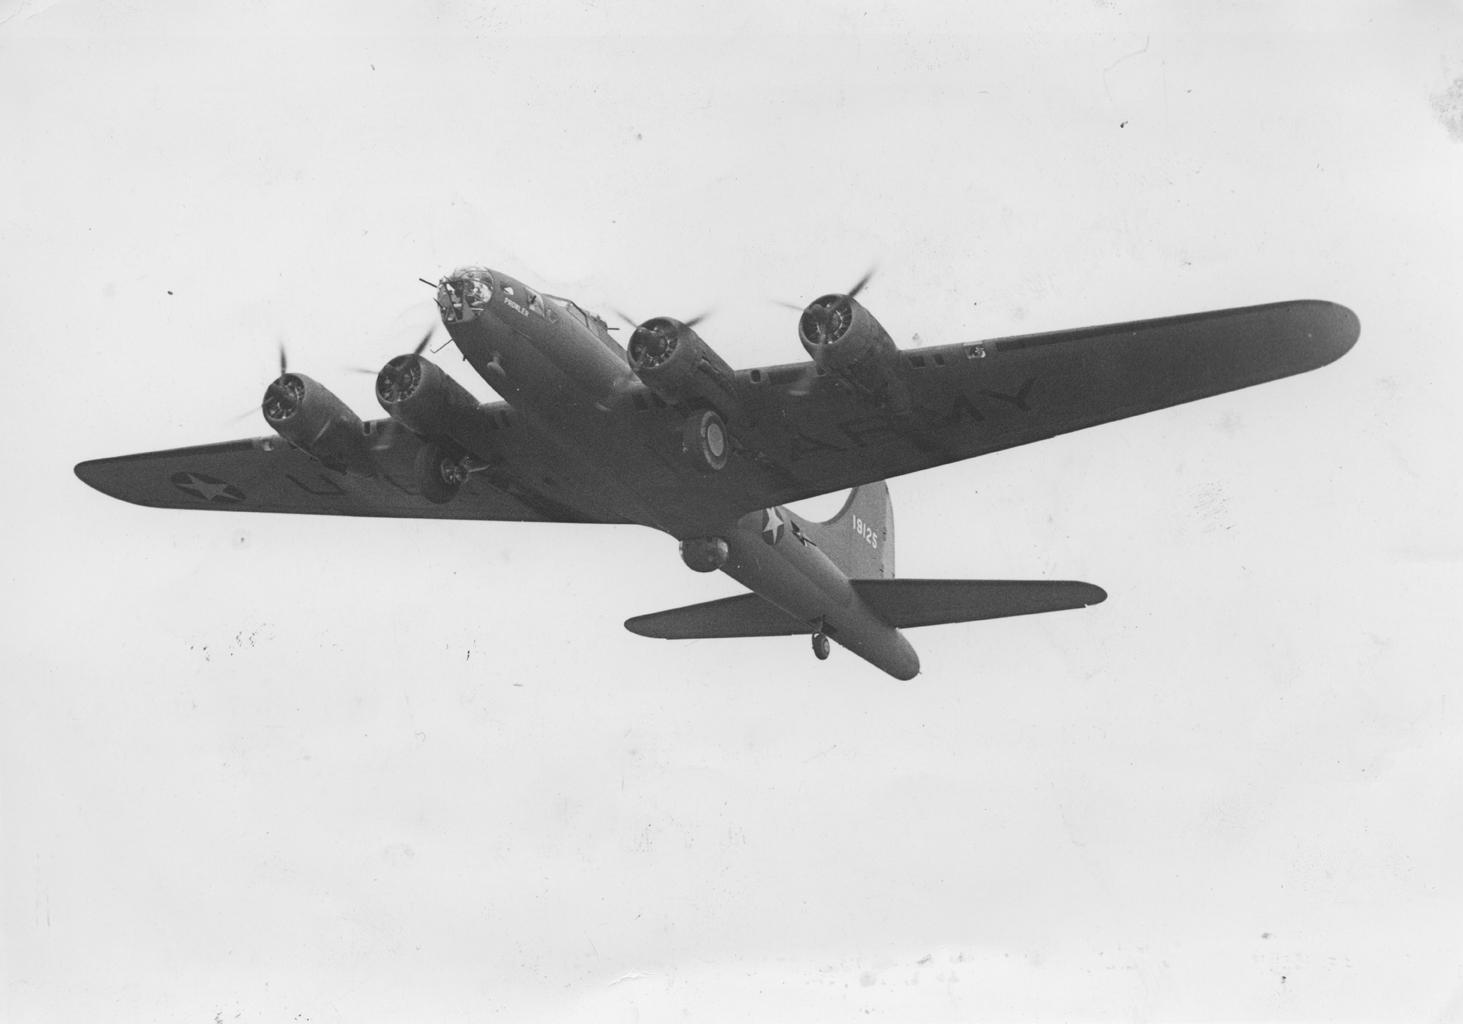 B-17 #41-9125 / Prowler